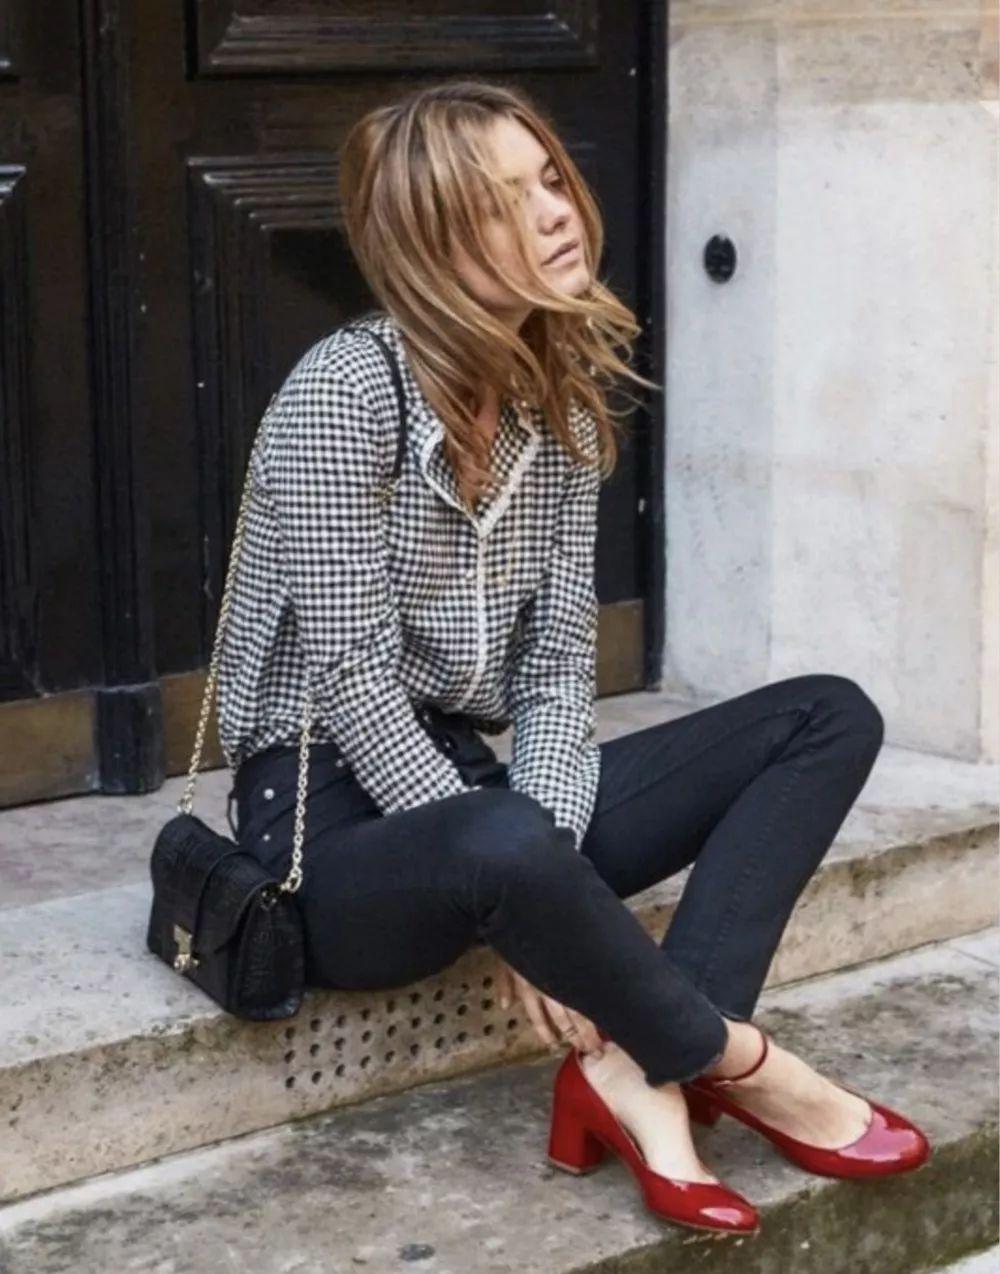 Đừng mãi quanh quẩn với giày đen/trắng nữa, giày đỏ mới thực sự giúp nâng tầm style và khiến bạn trông sang như gái Pháp - Ảnh 5.